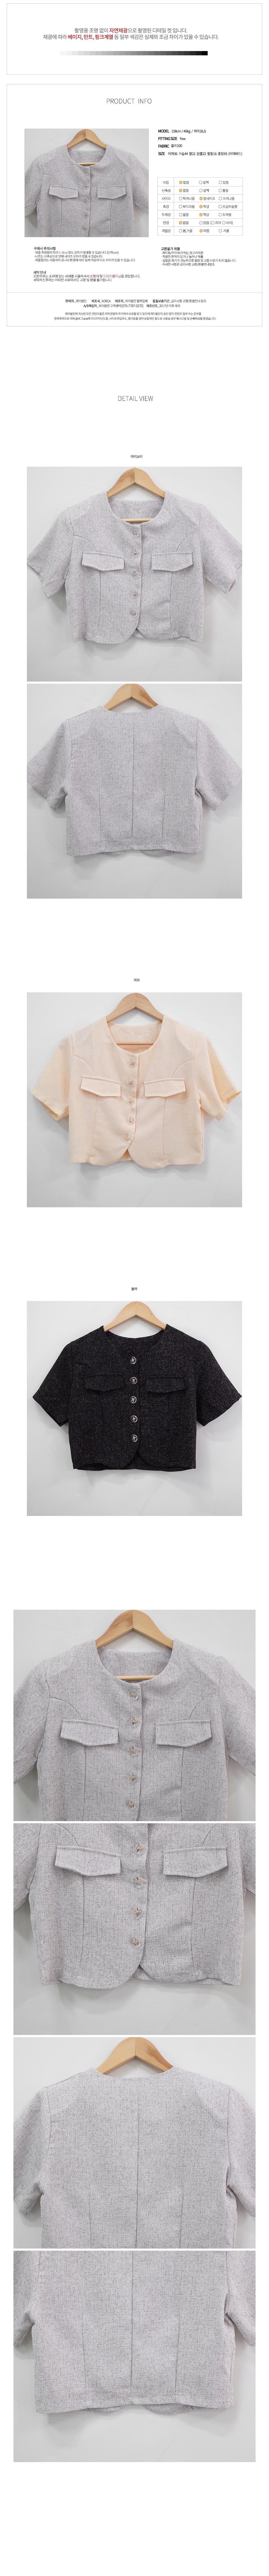 Eye Tweed Sheep Pocket Short Sleeve Jacket